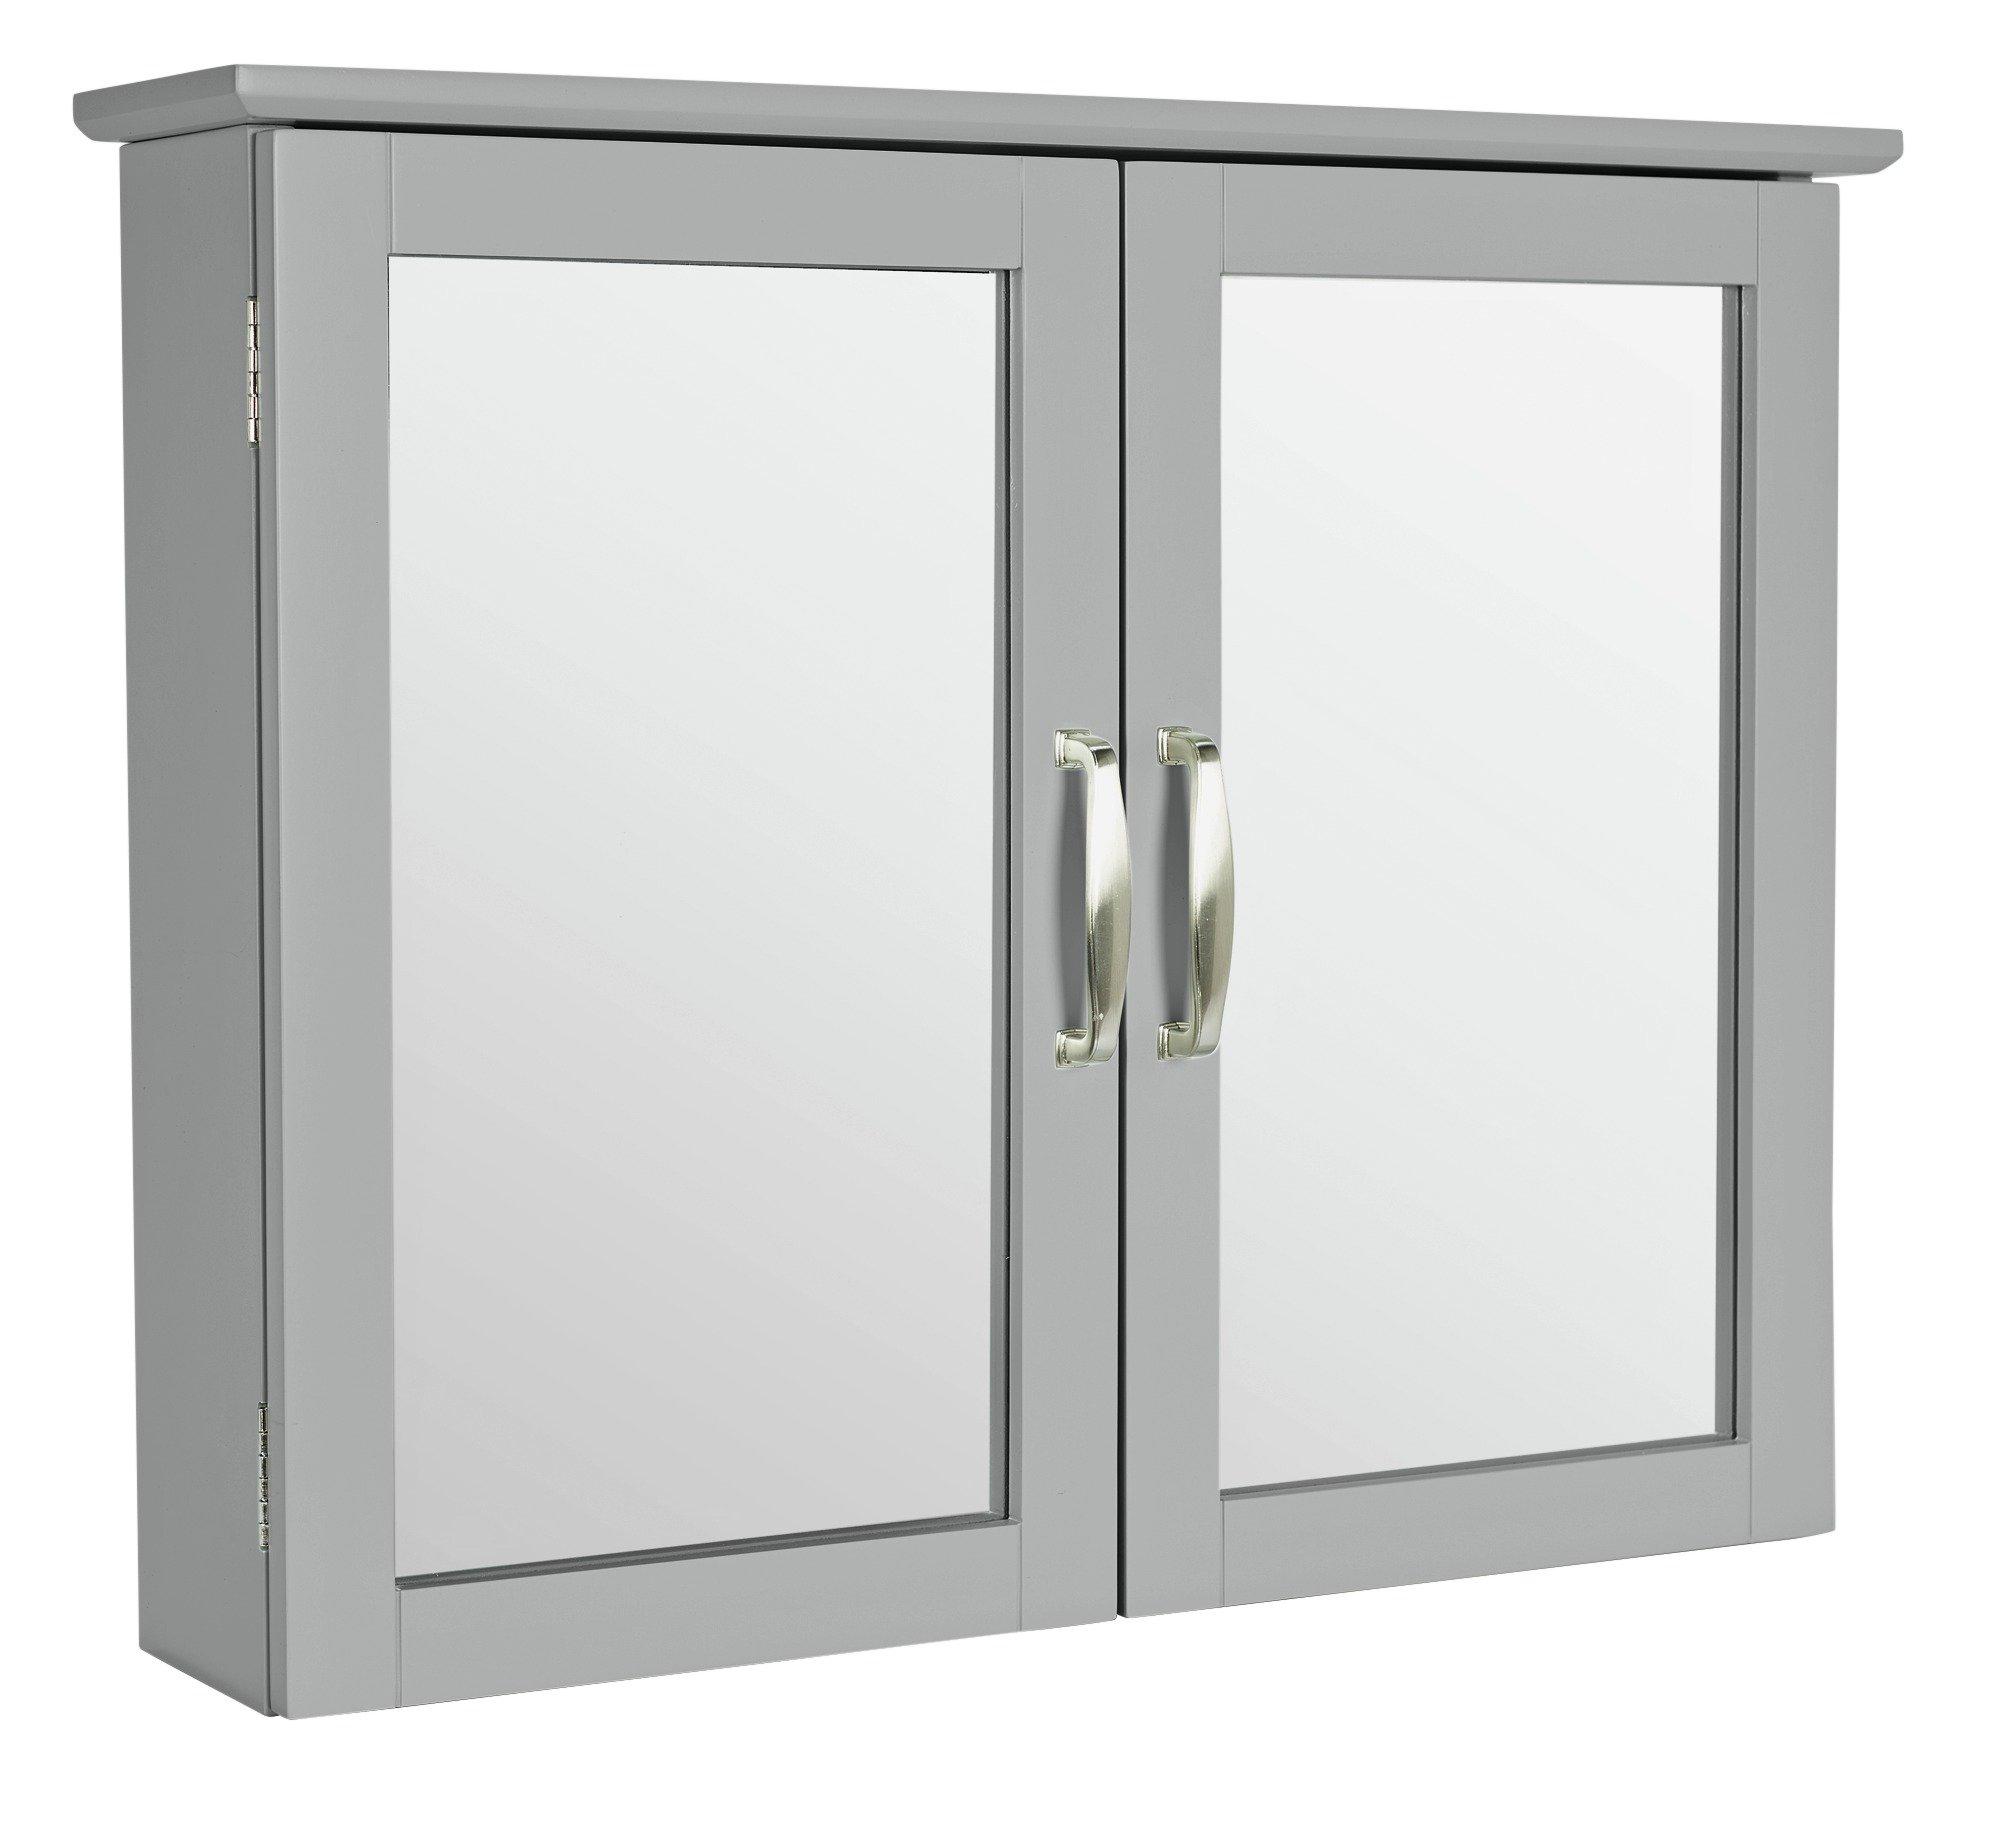 Bathroom cabinets Argos